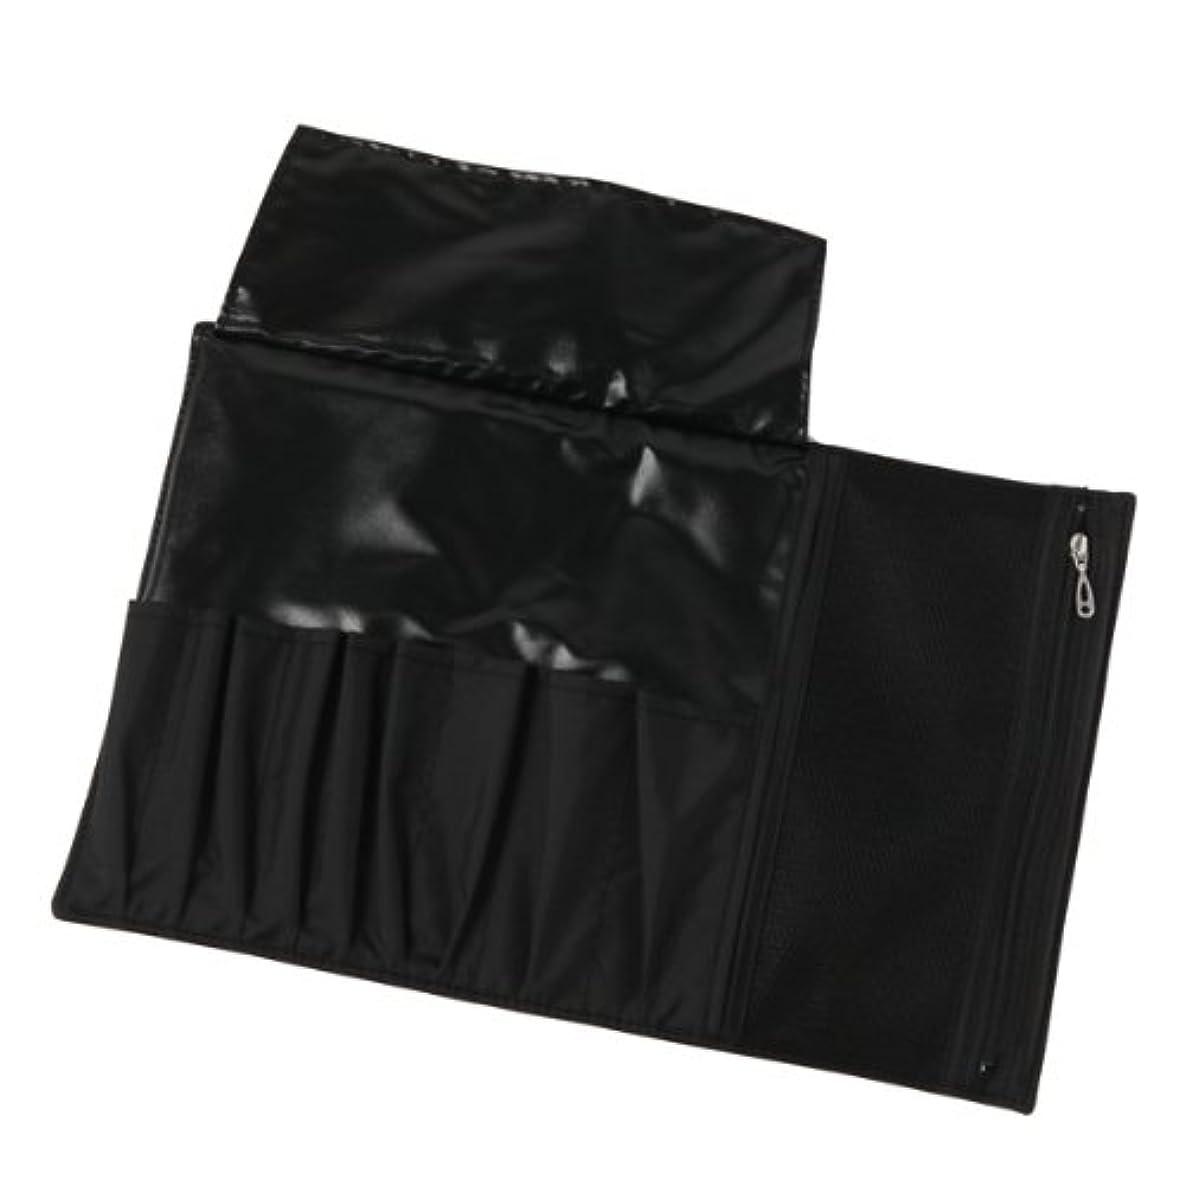 キャンバスジョガー市場メイクブラシ用 ナイロンブラシケース(黒) 長軸用